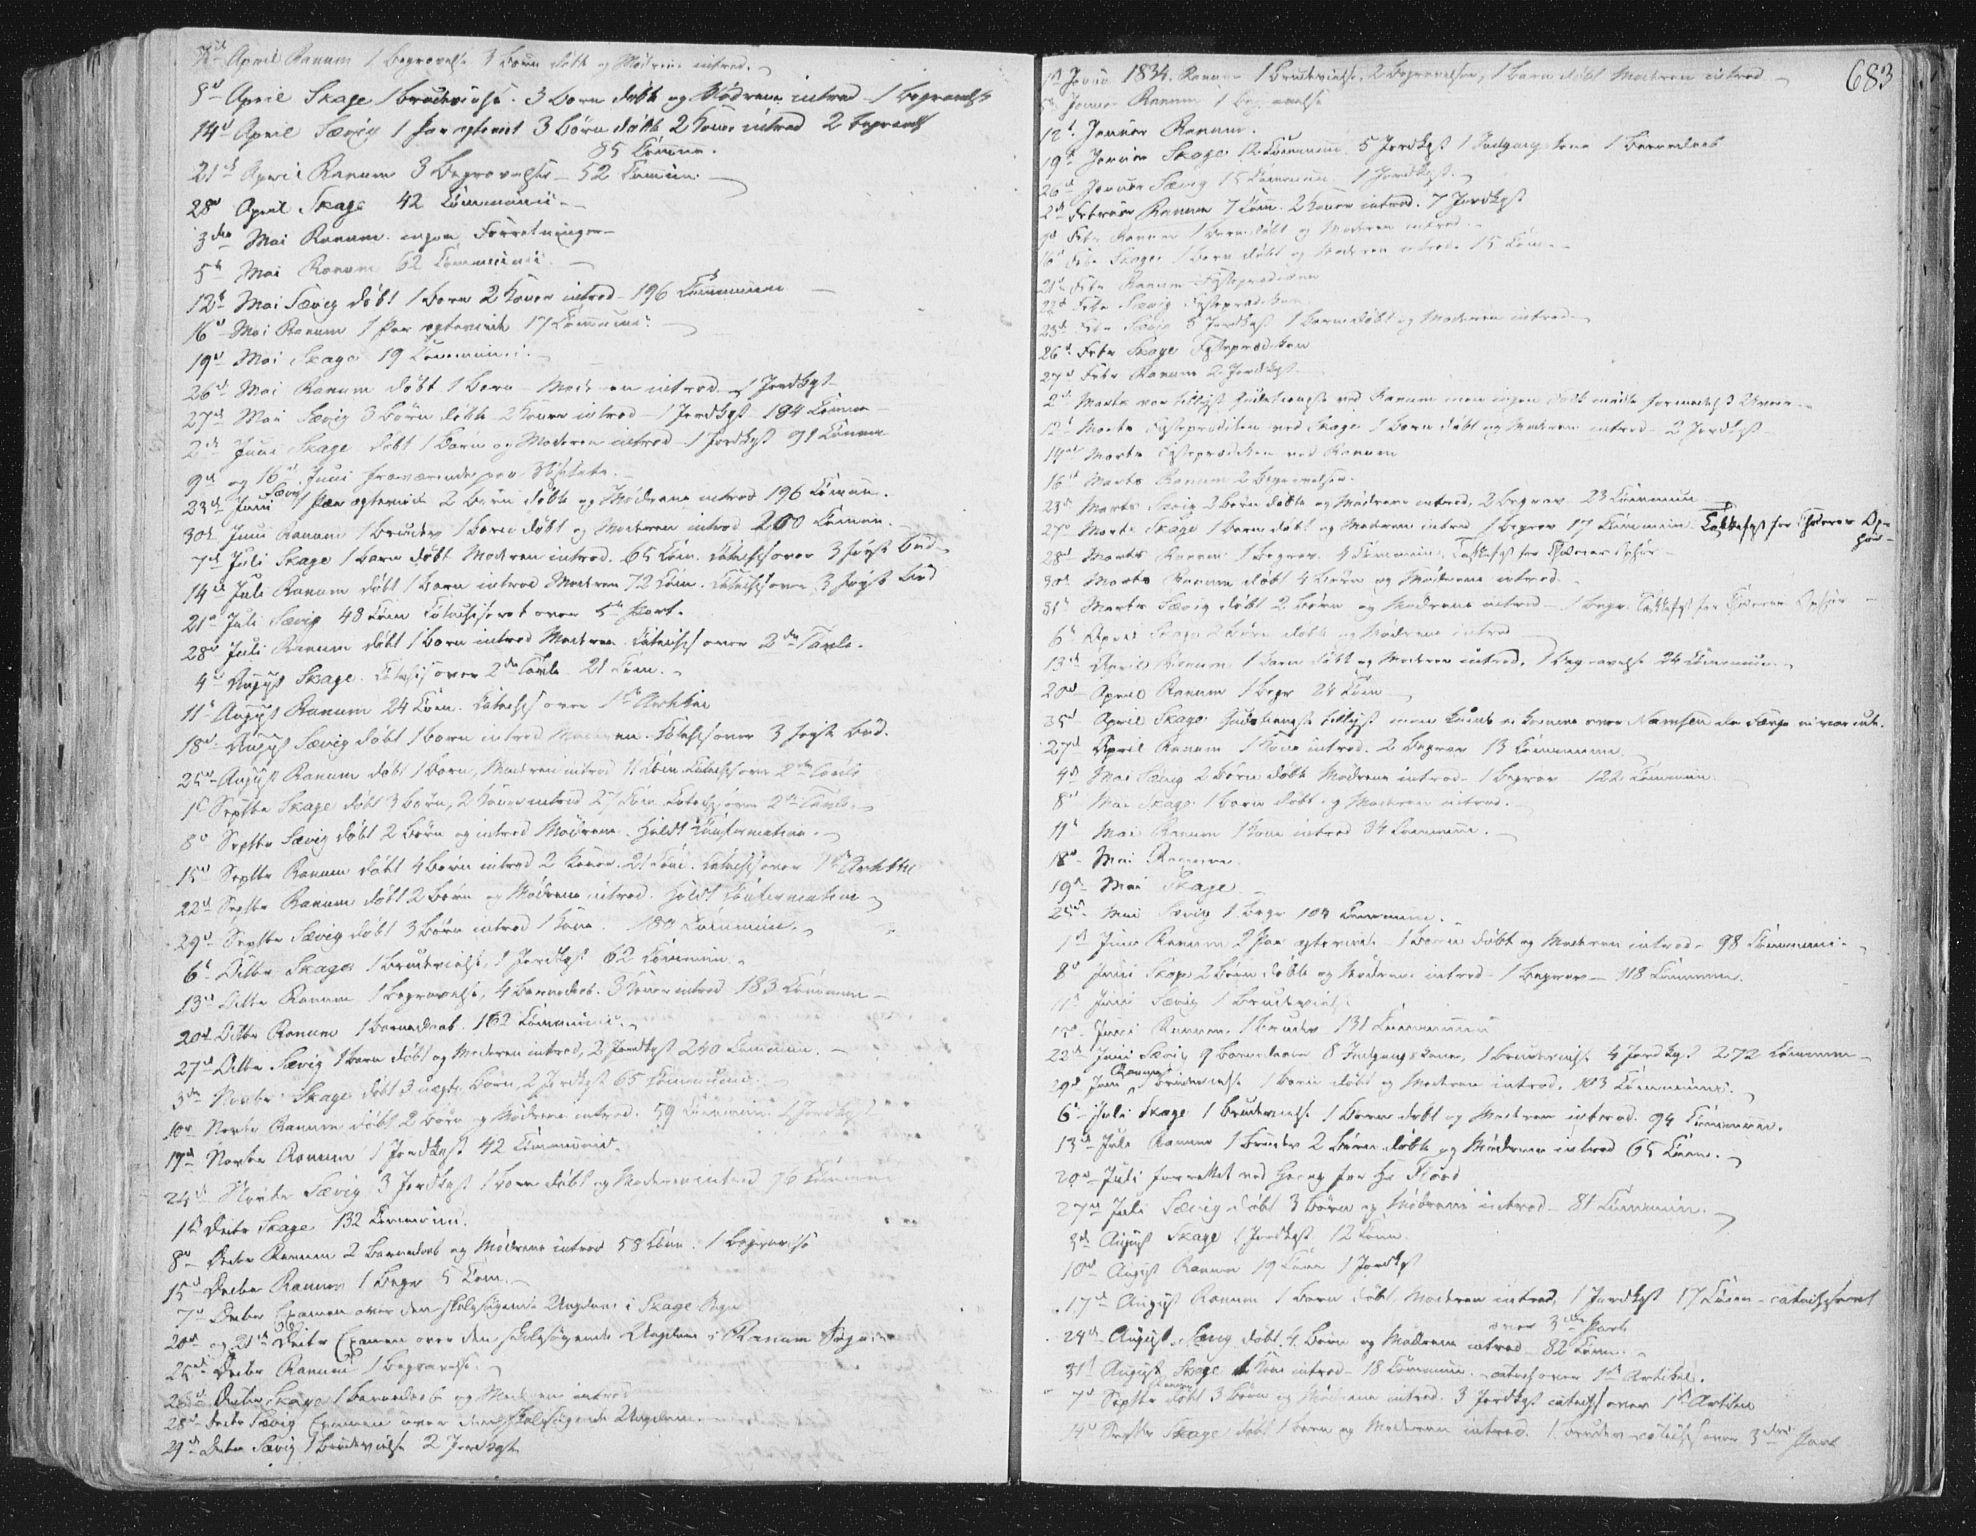 SAT, Ministerialprotokoller, klokkerbøker og fødselsregistre - Nord-Trøndelag, 764/L0552: Ministerialbok nr. 764A07b, 1824-1865, s. 683